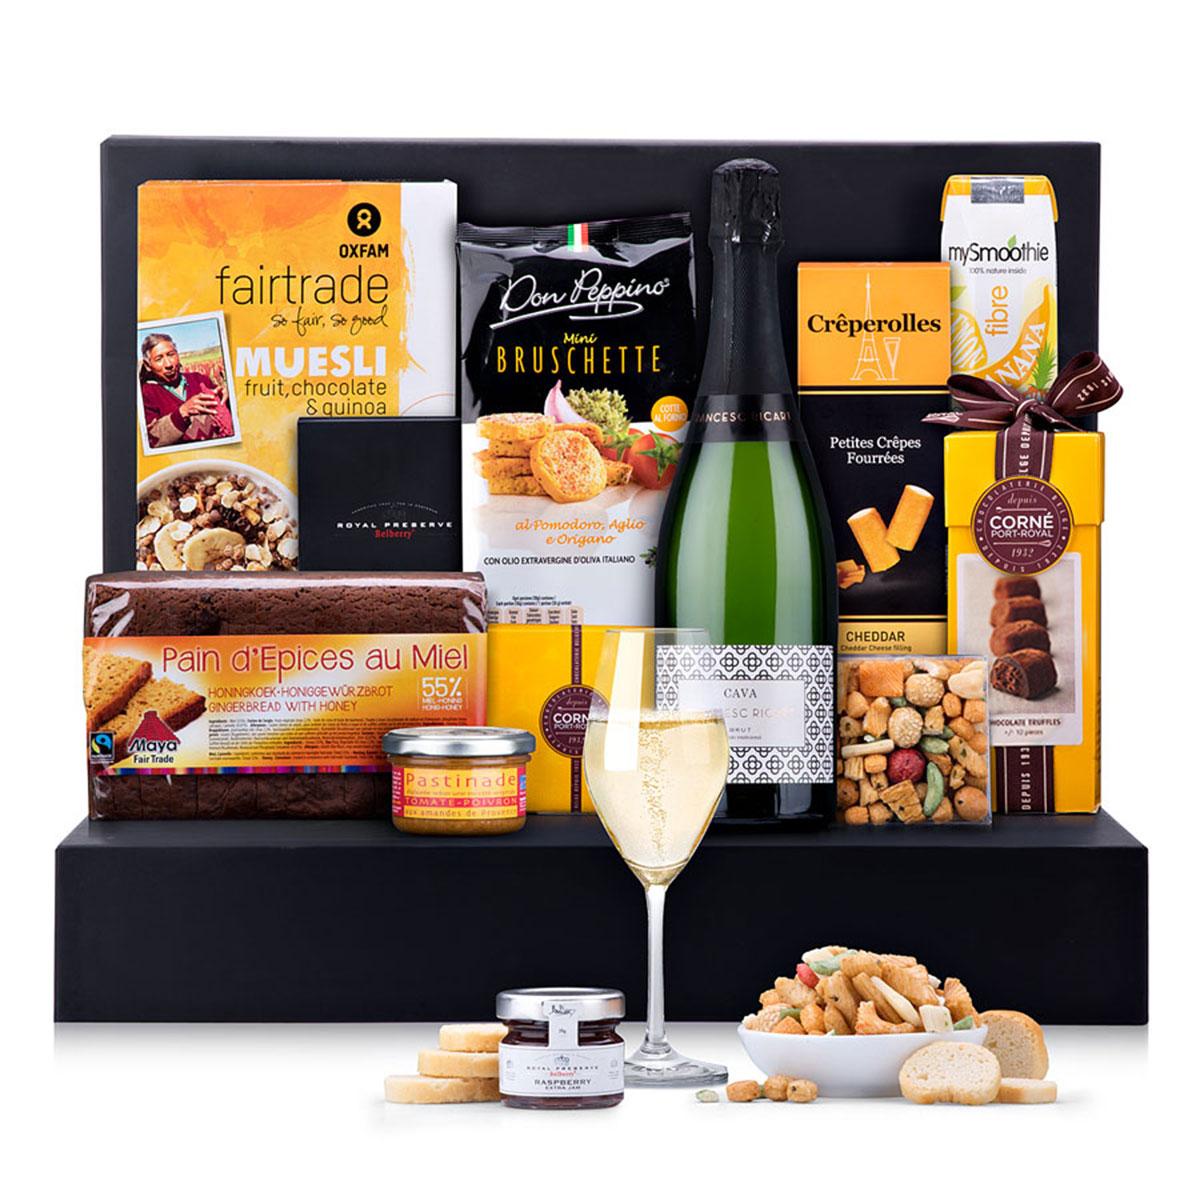 Cadeau de brunch avec du vin mousseux cava francesc ricart cadofrance - Cadeau autour du vin ...